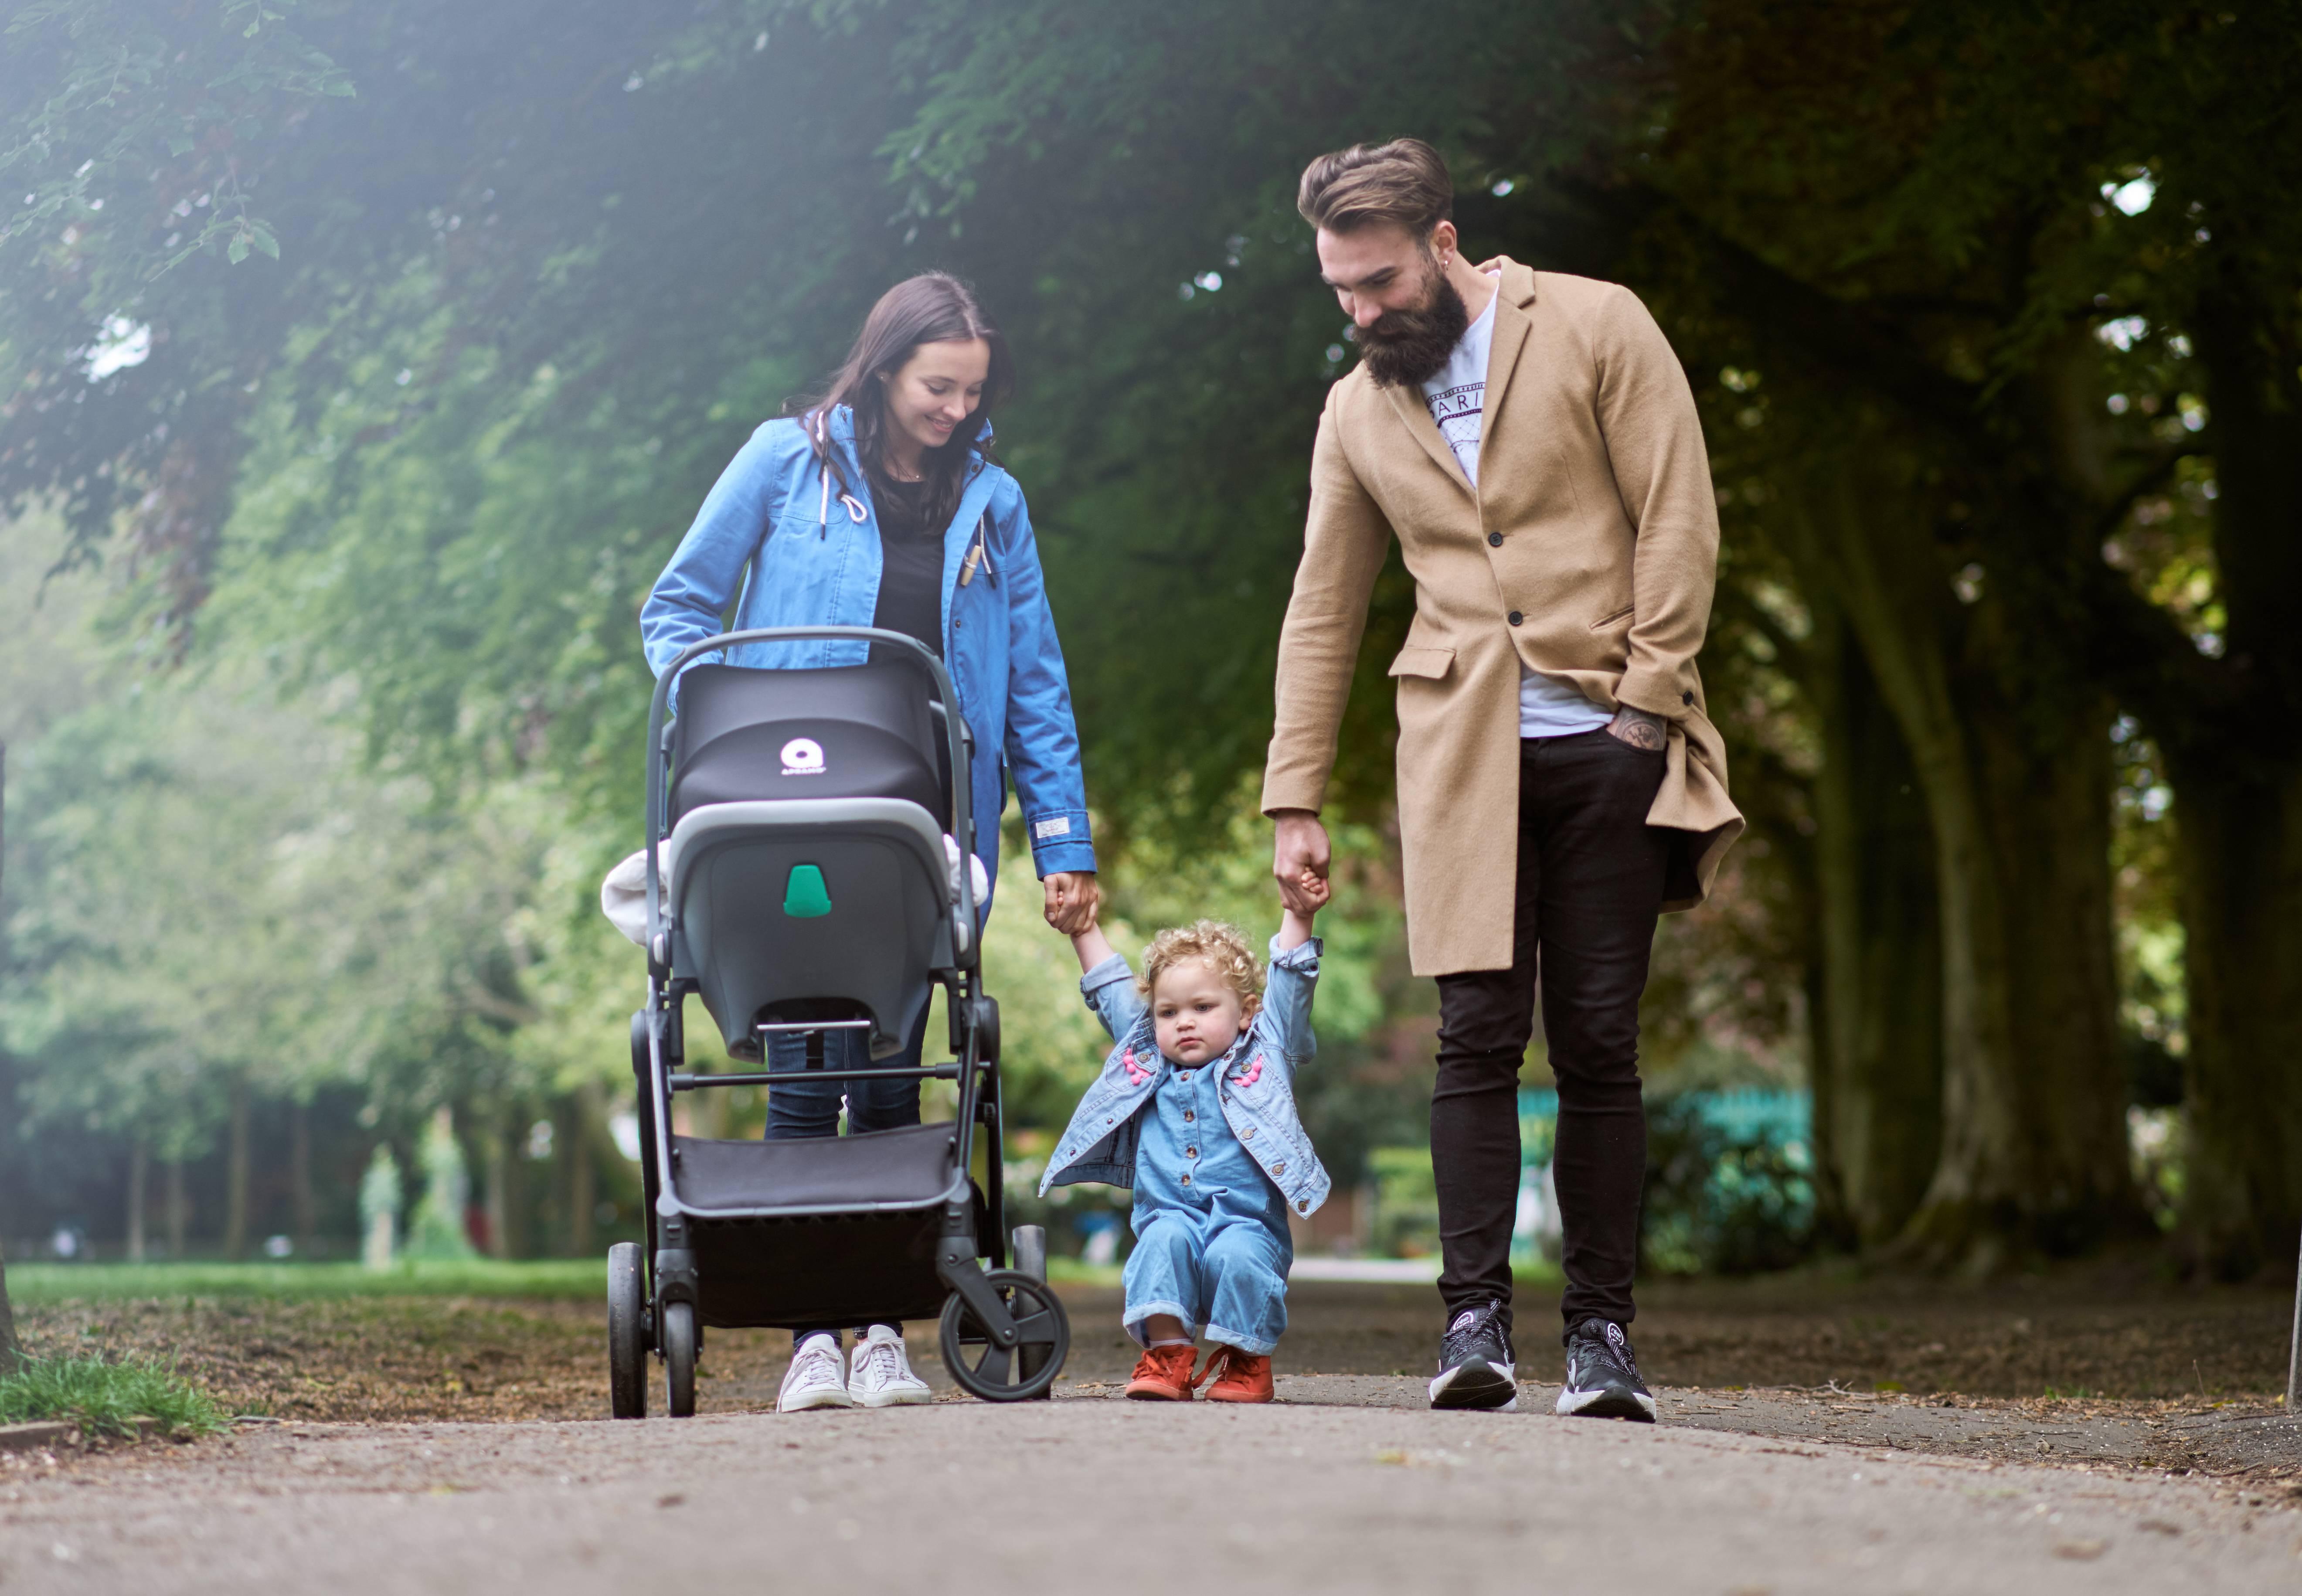 安全座椅发展新历程:模组式儿童安全座椅的